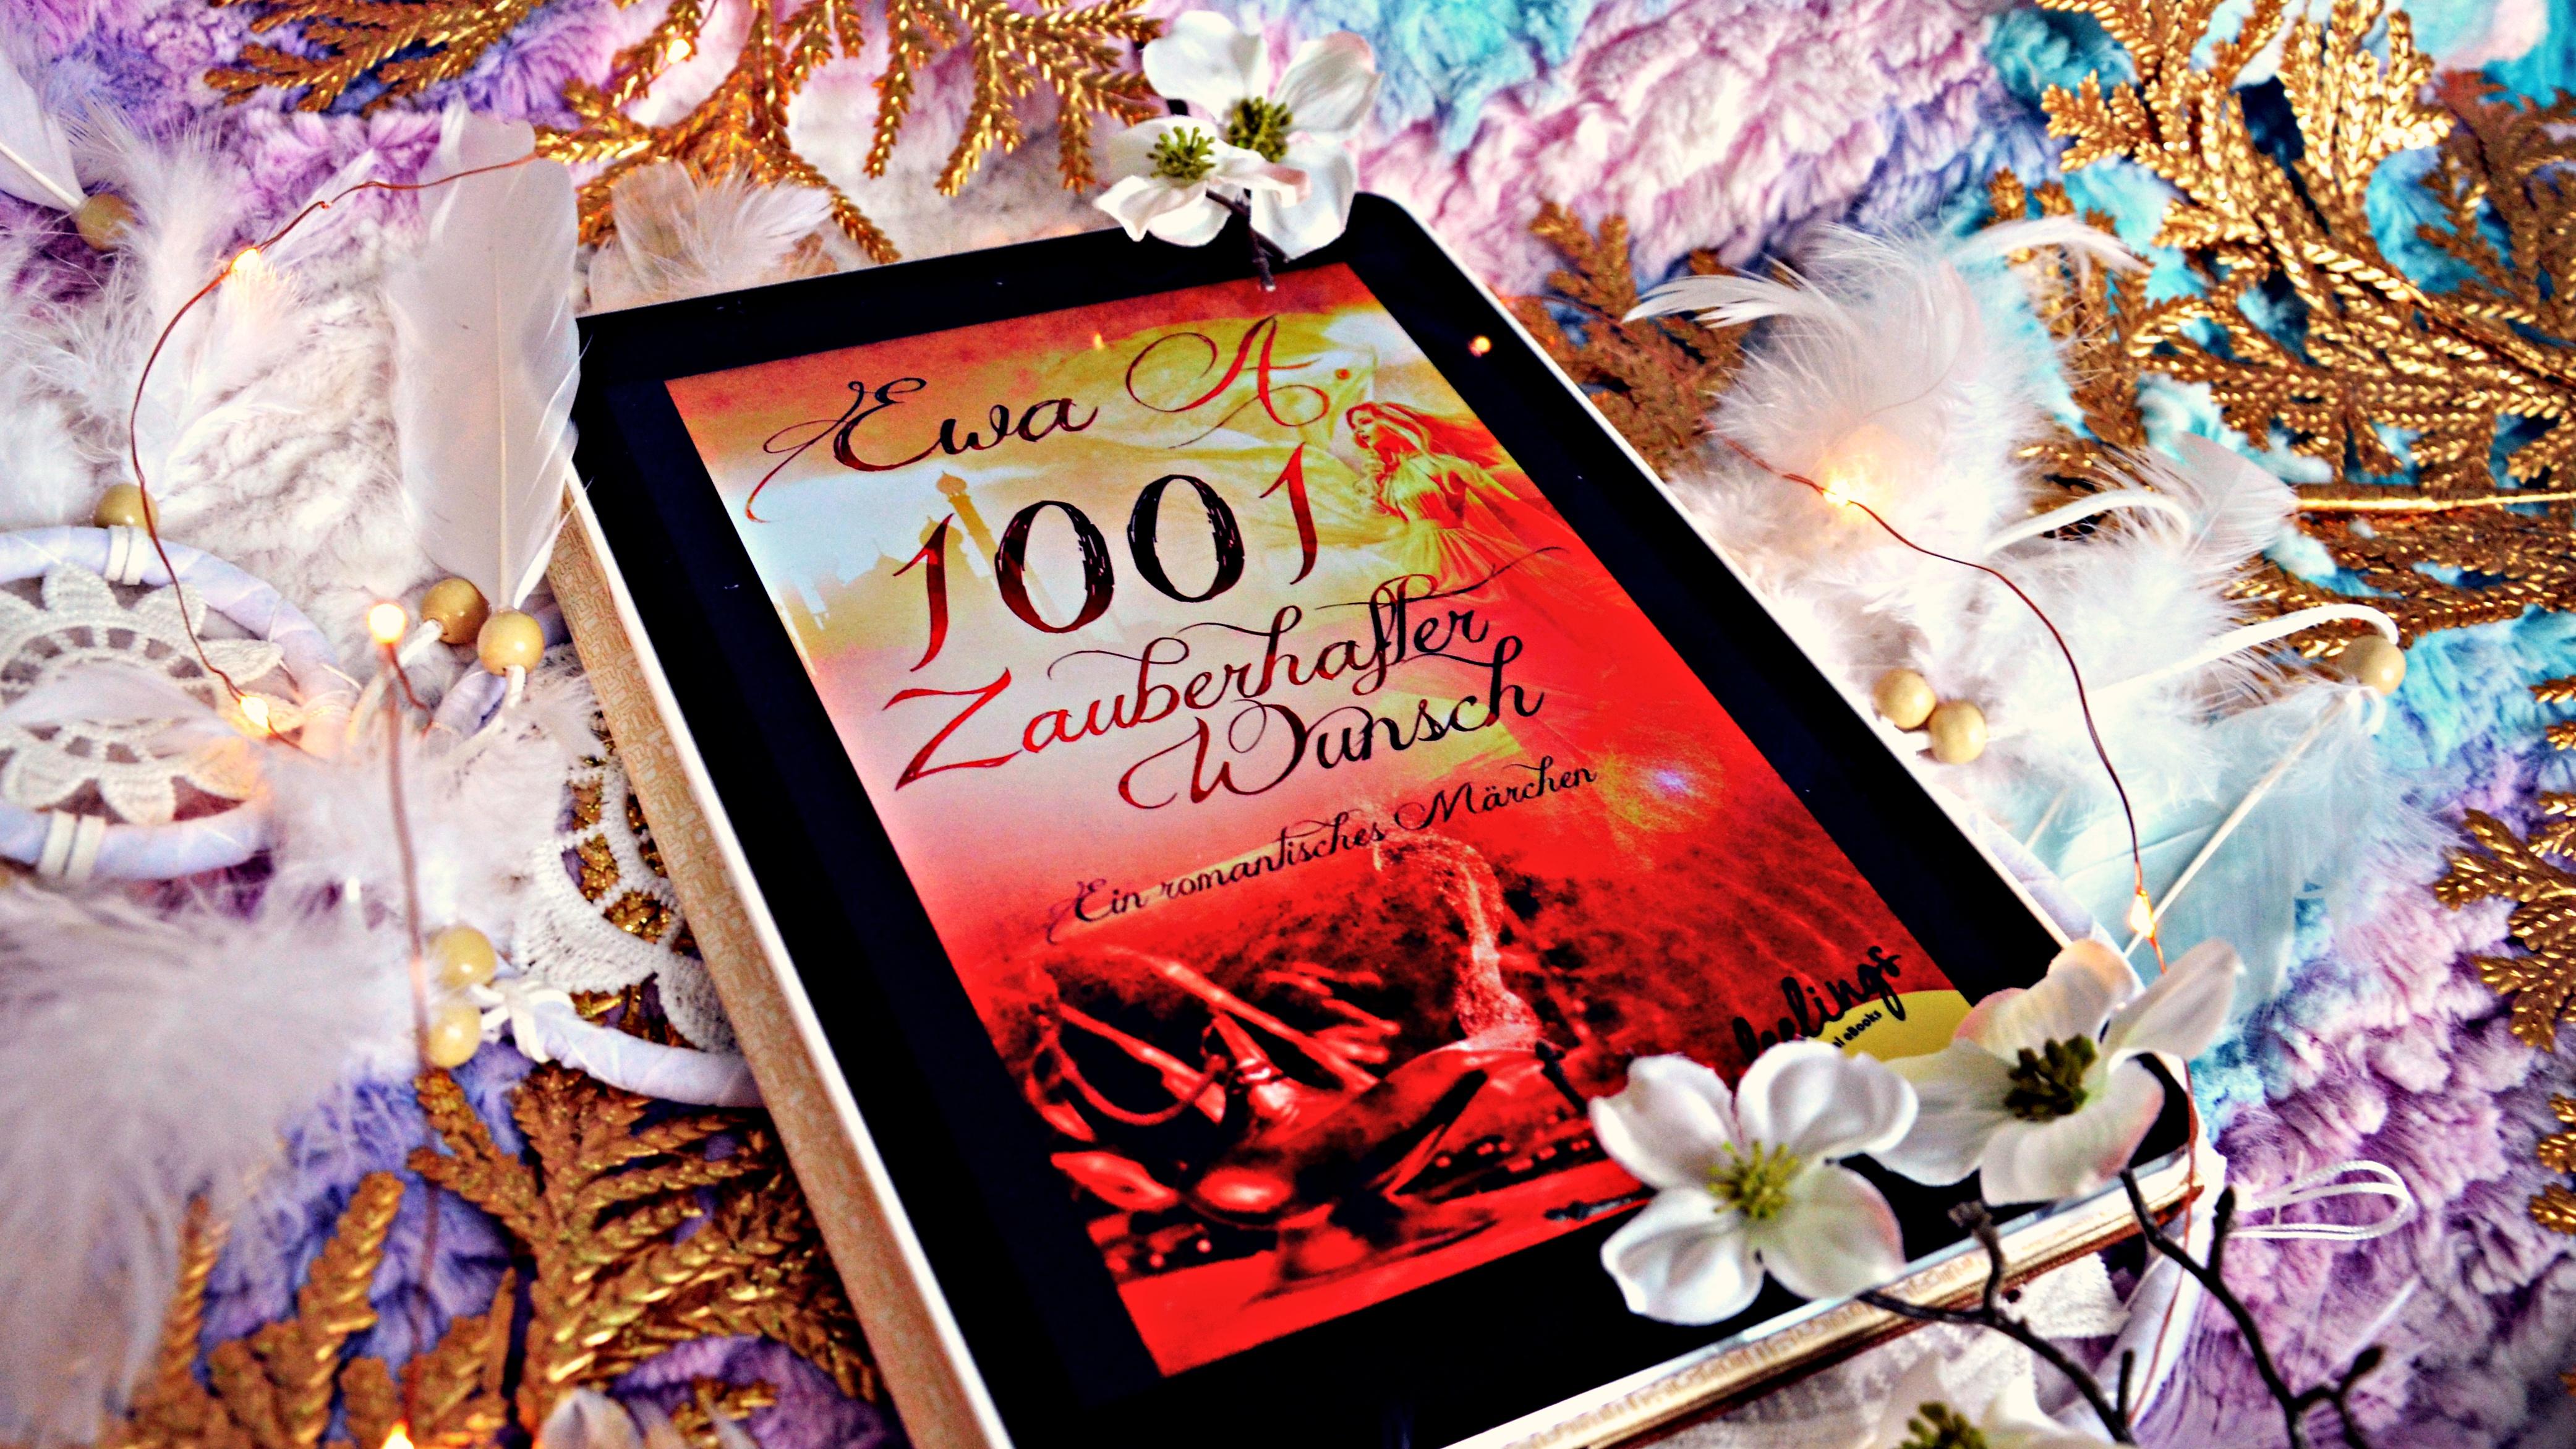 A., Ewa - 1001 zauberhafter Wunsch